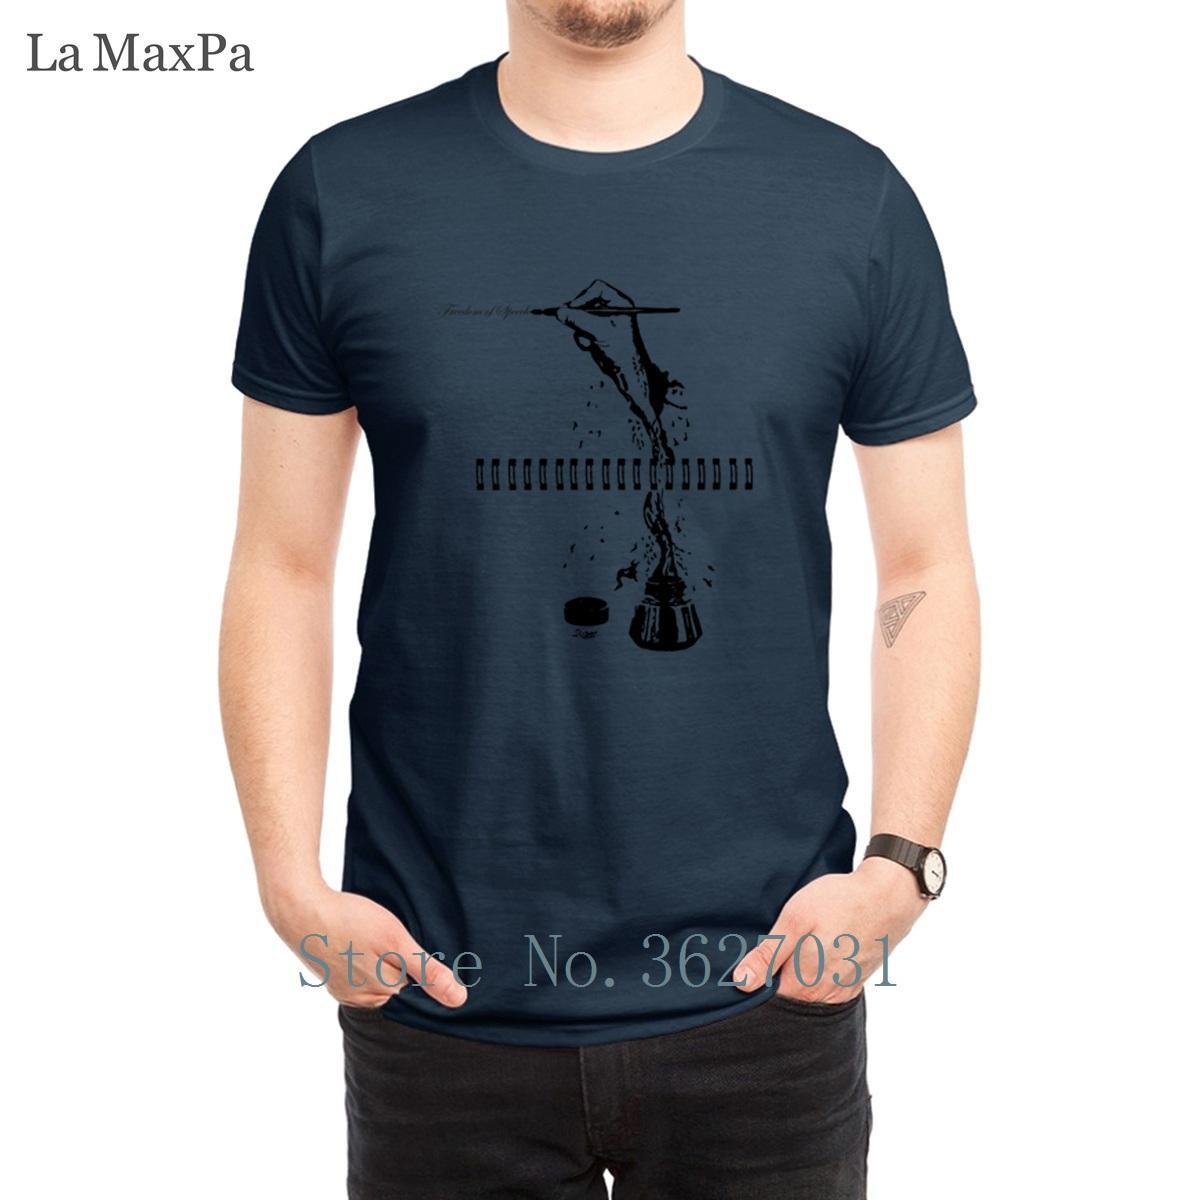 Modello Uomini creativo T shirt Viva la libertà di parola T-shirt Impressionante Streetwear Miglior girocollo Tee Shirt Uomo allentato